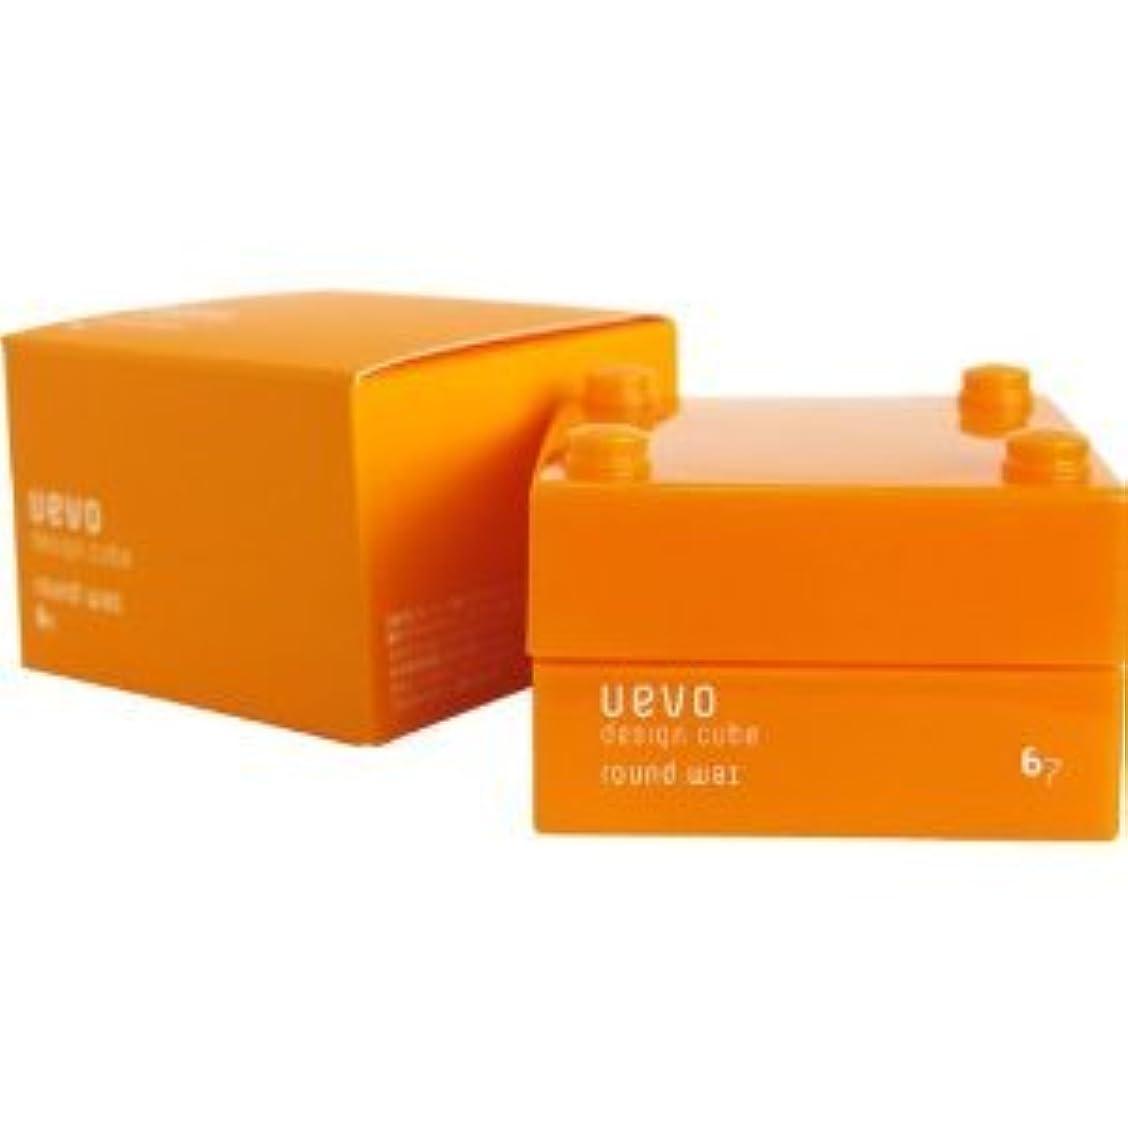 ブランク資本主義年金受給者【X2個セット】 デミ ウェーボ デザインキューブ ラウンドワックス 30g round wax DEMI uevo design cube